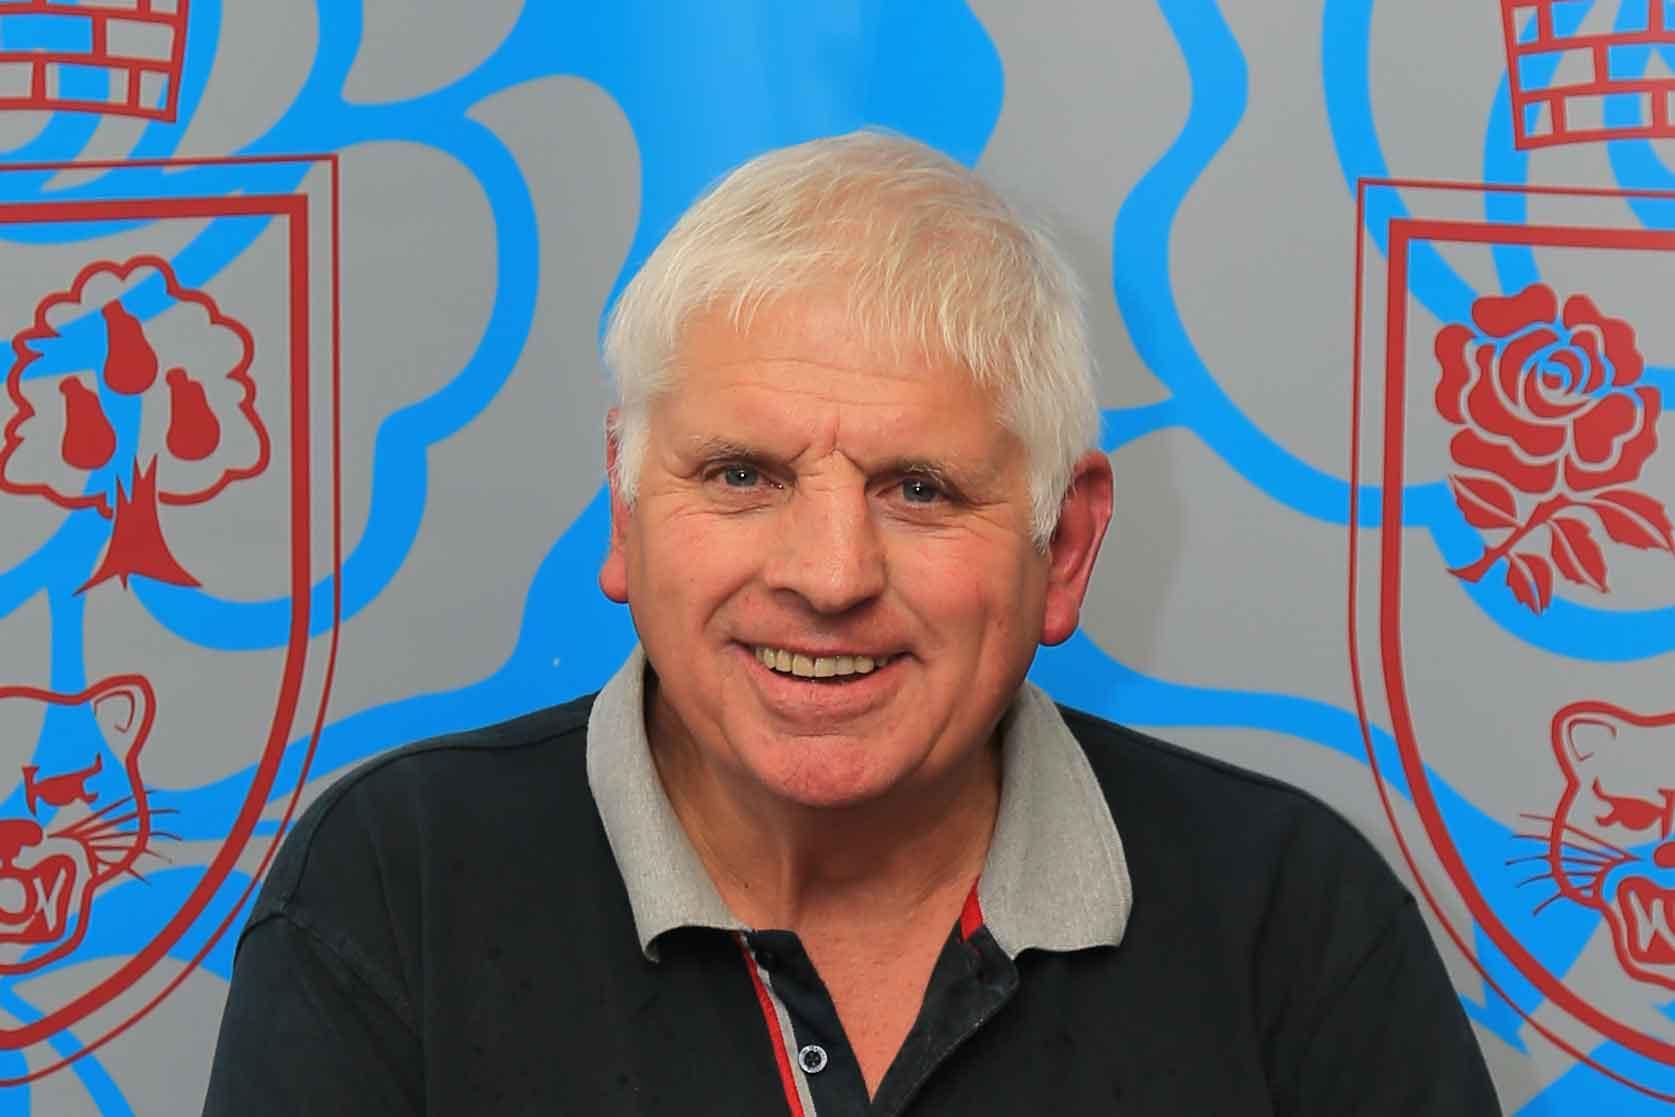 Paul Kaminski, RFU Council Member